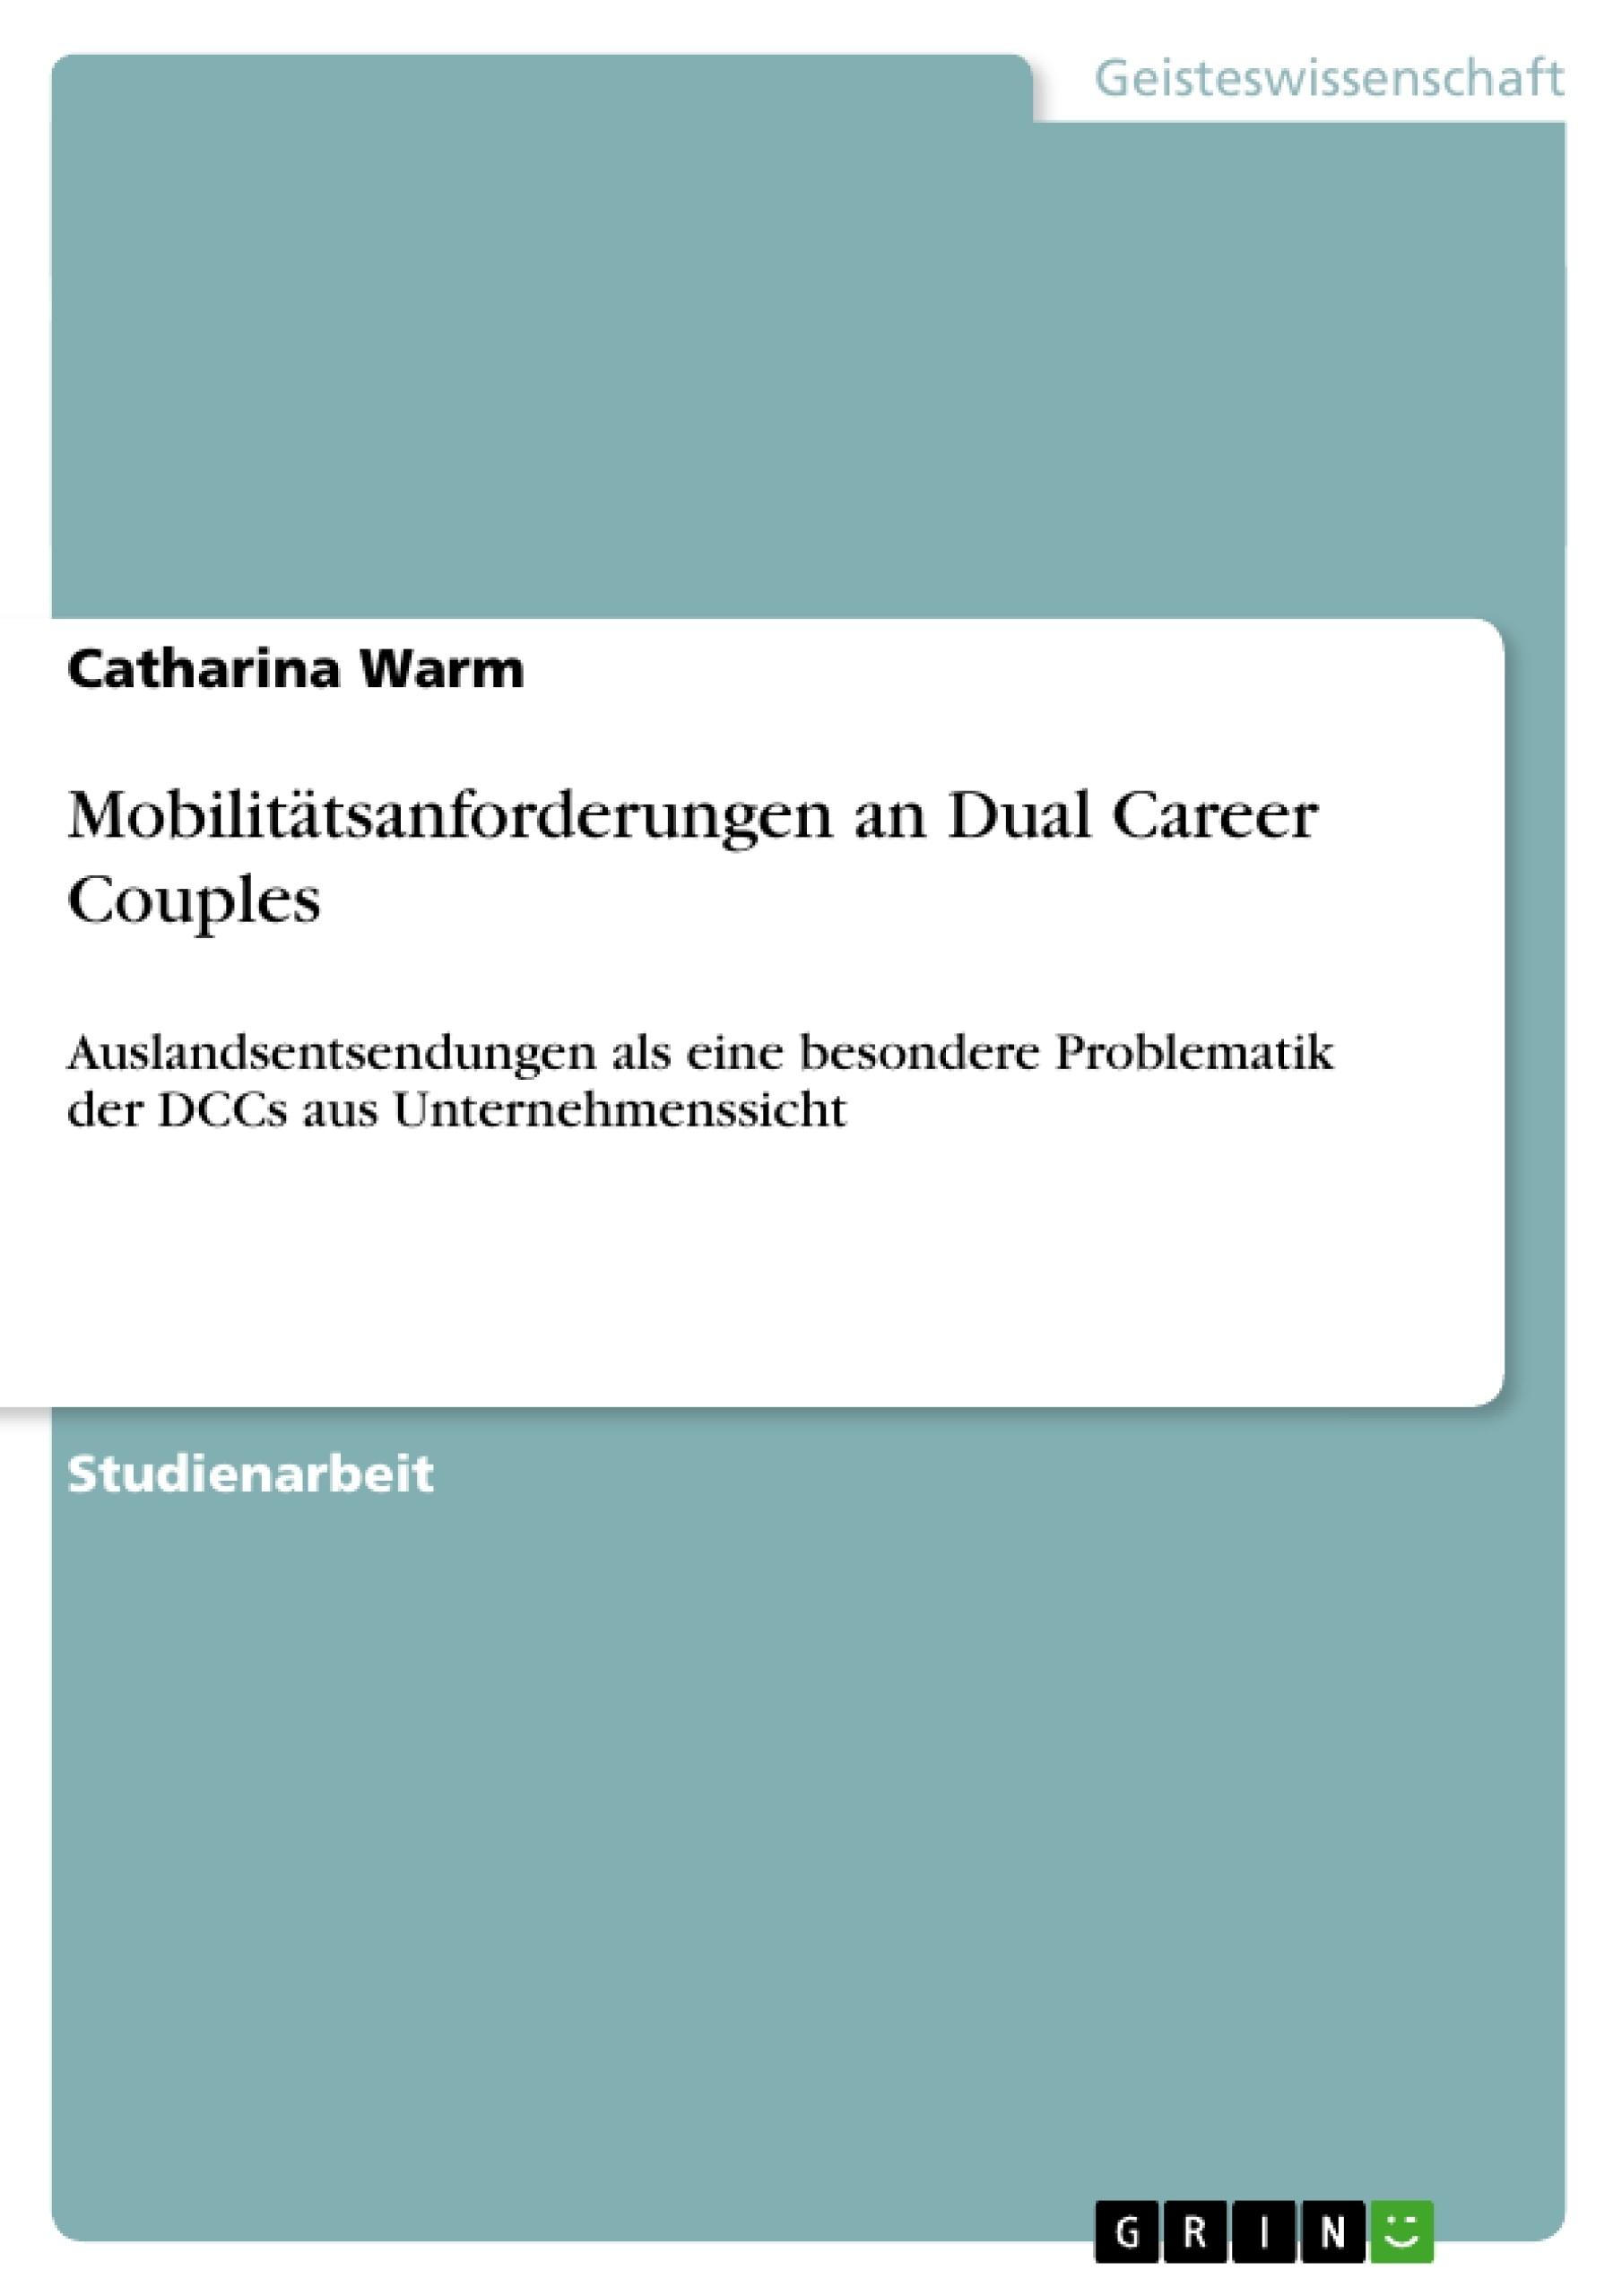 Titel: Mobilitätsanforderungen an Dual Career Couples